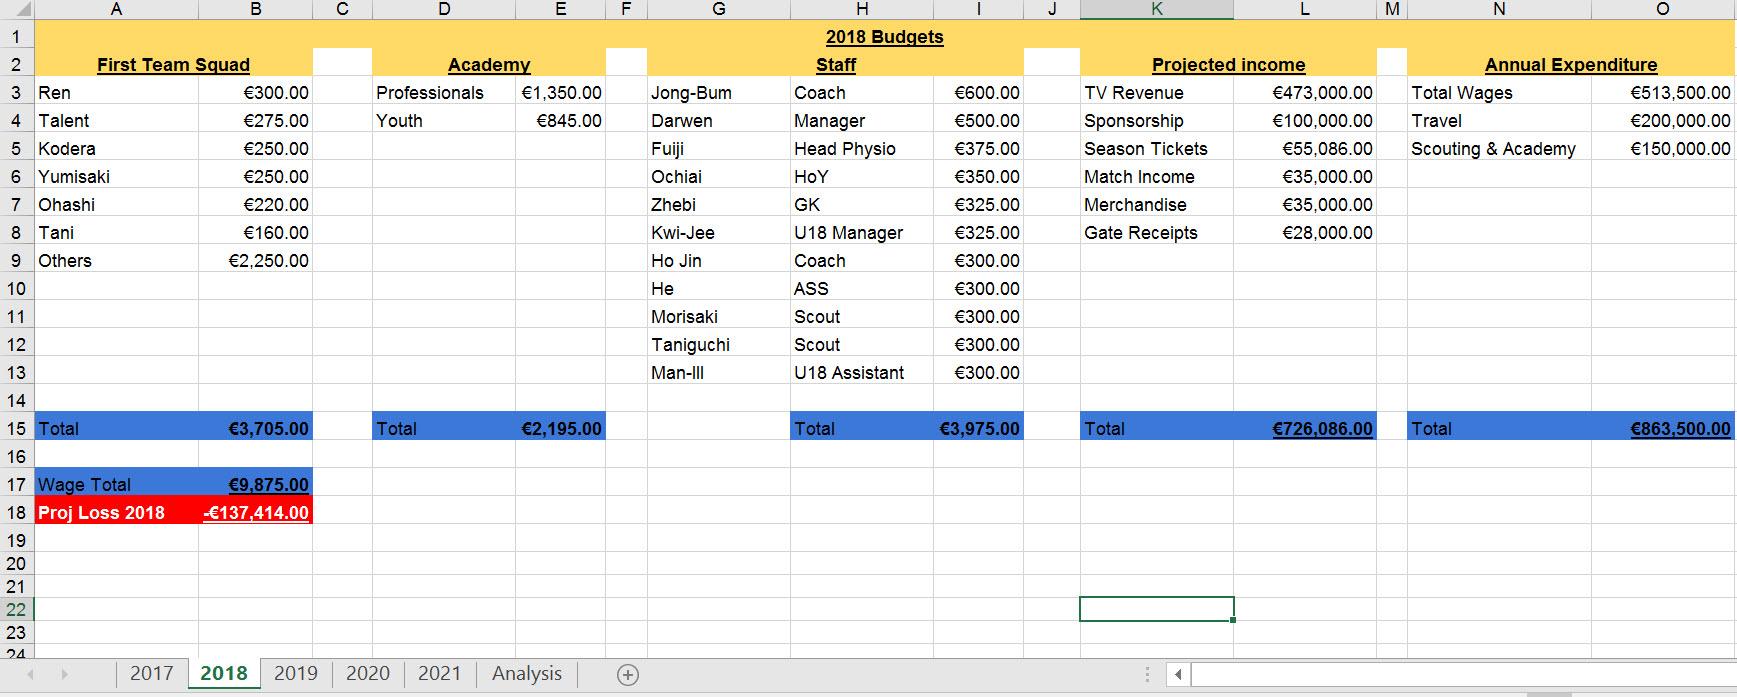 Budget Sheet 2018.jpg